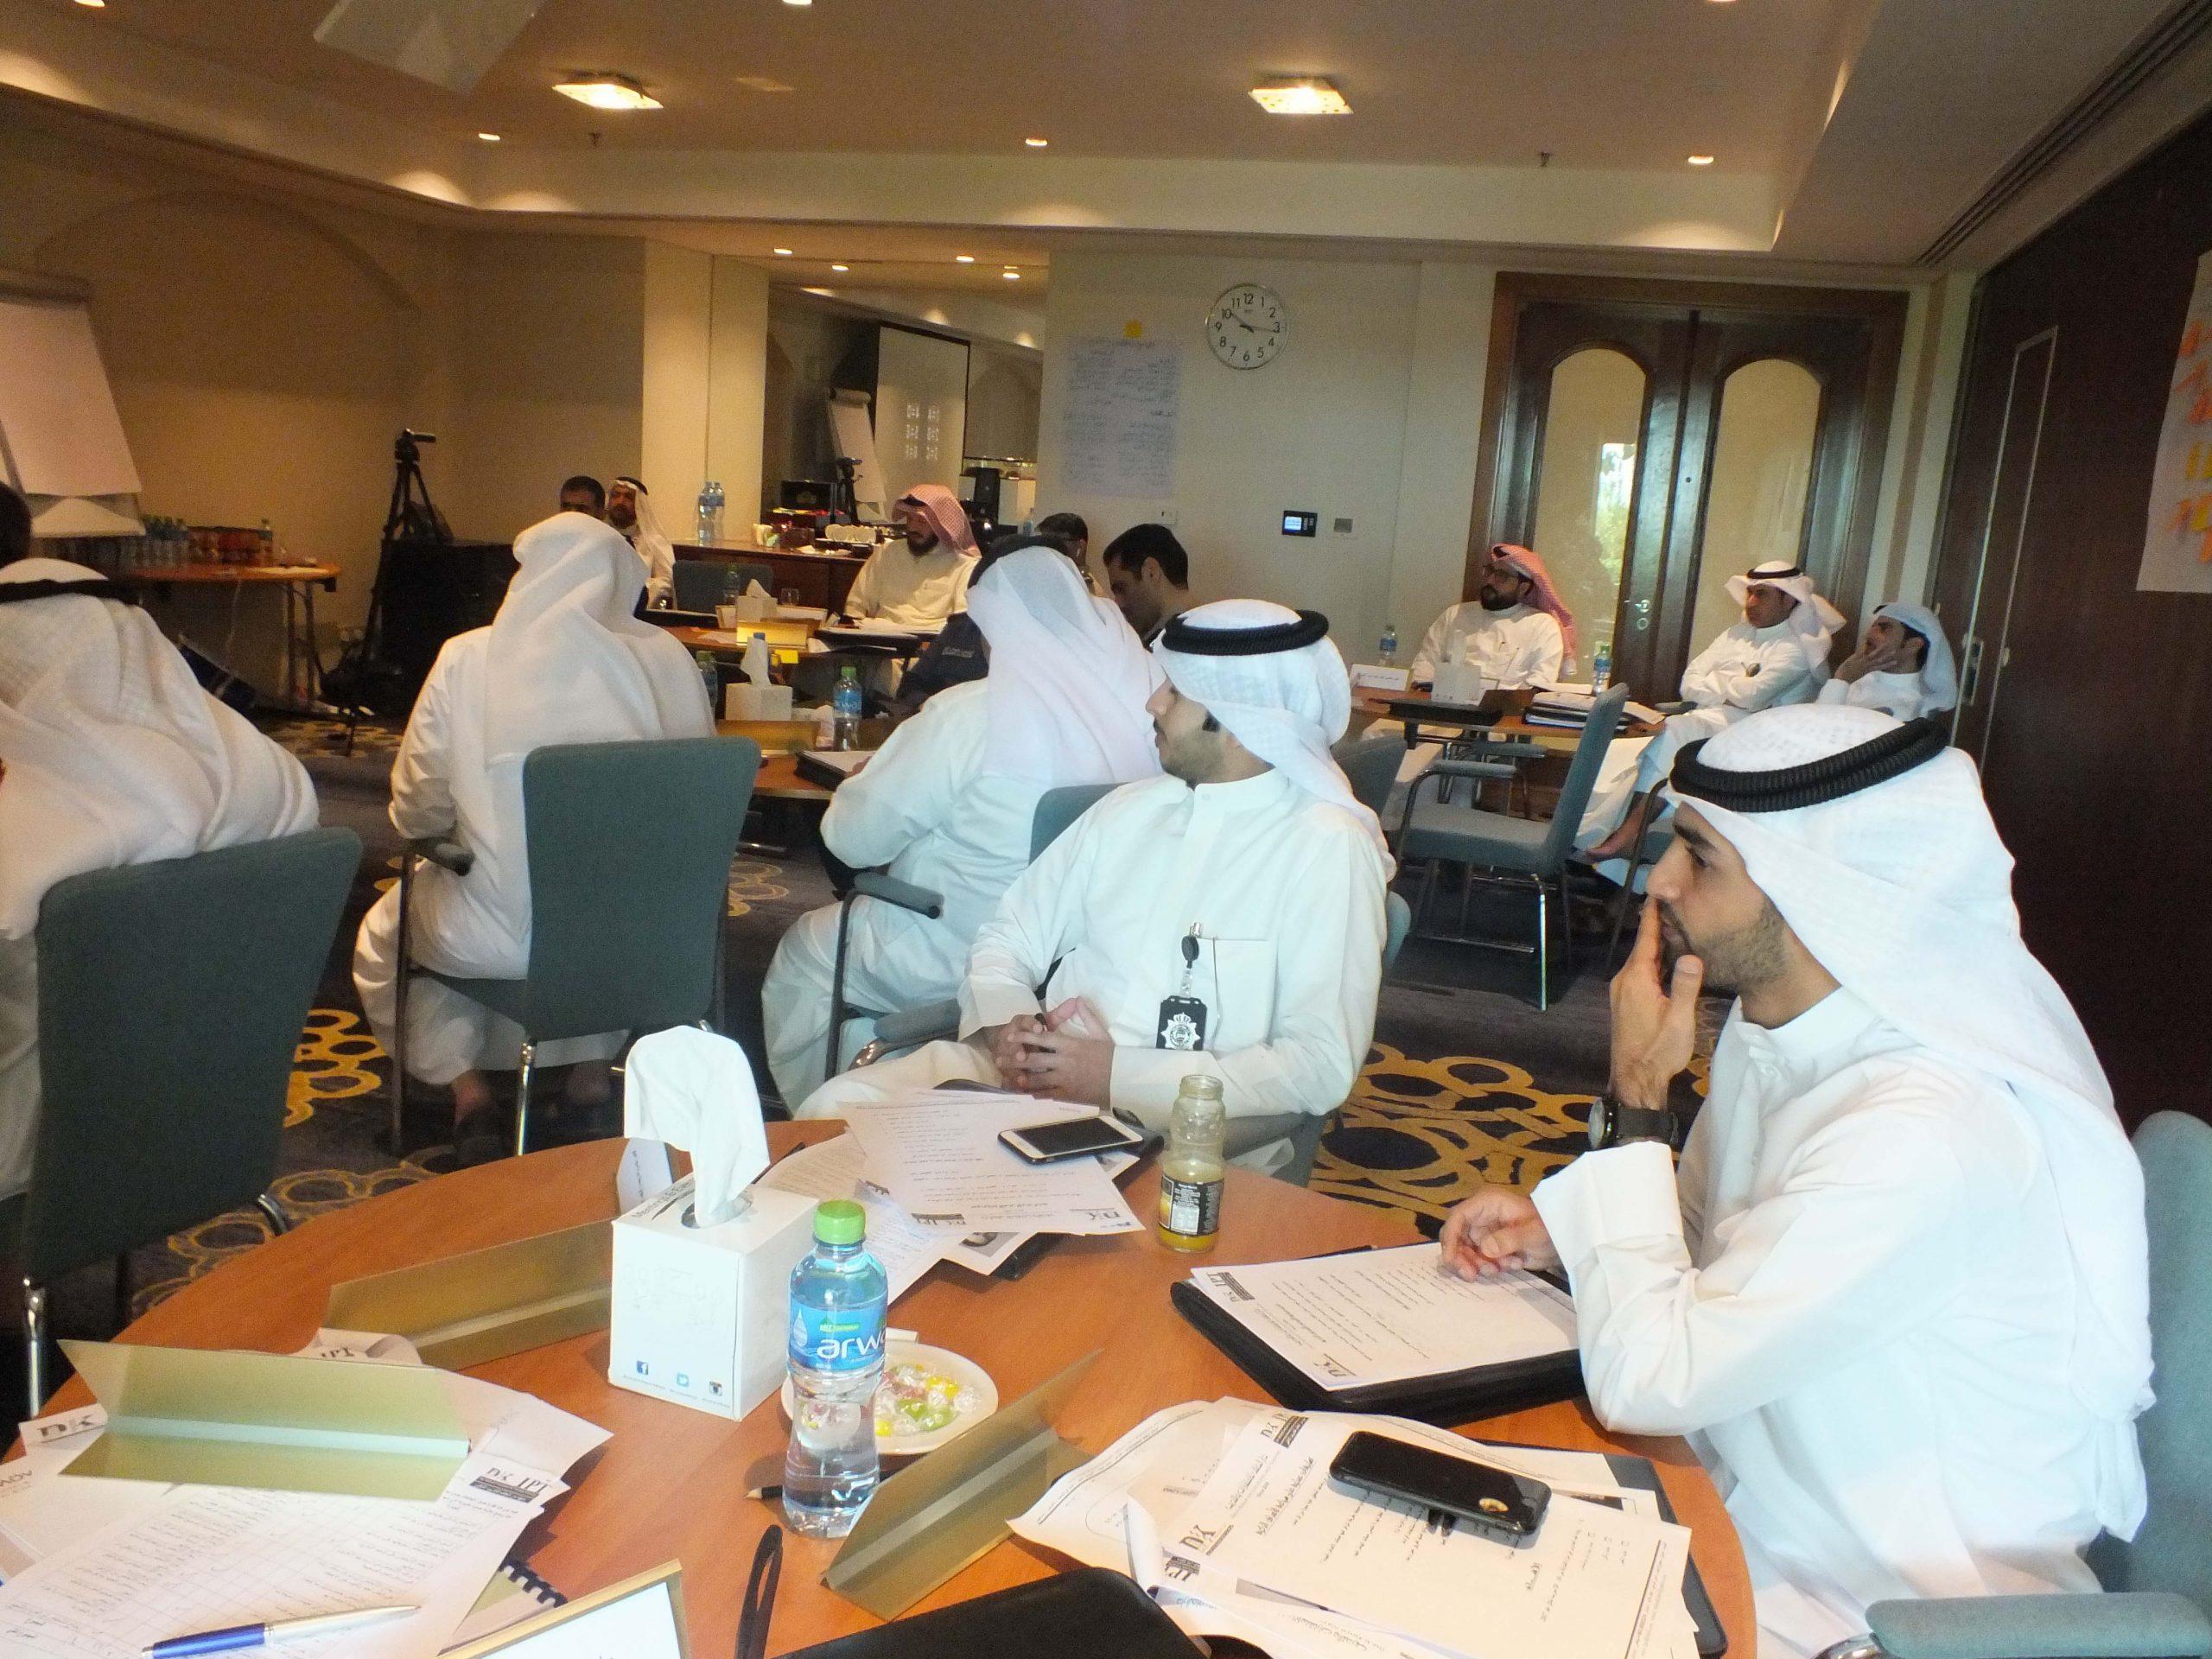 البرنامج التدريبي التخطيط الاستراتيجي